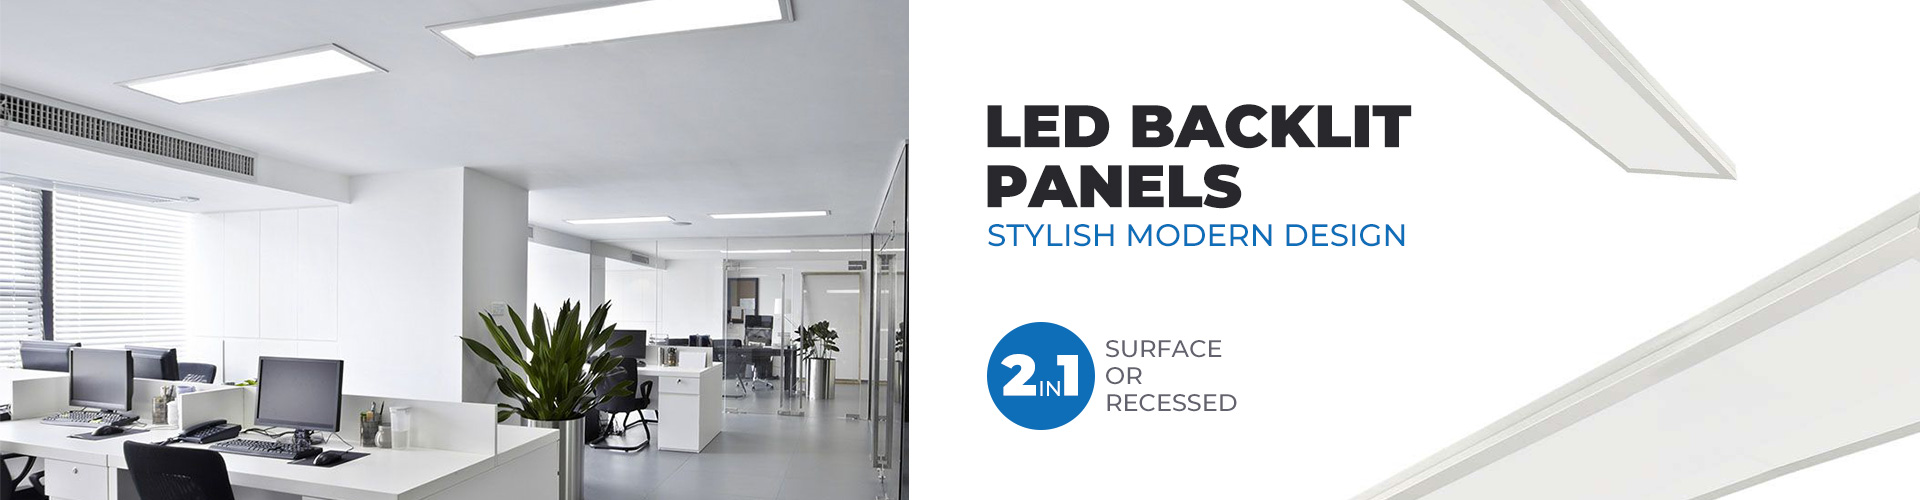 backlit-panels